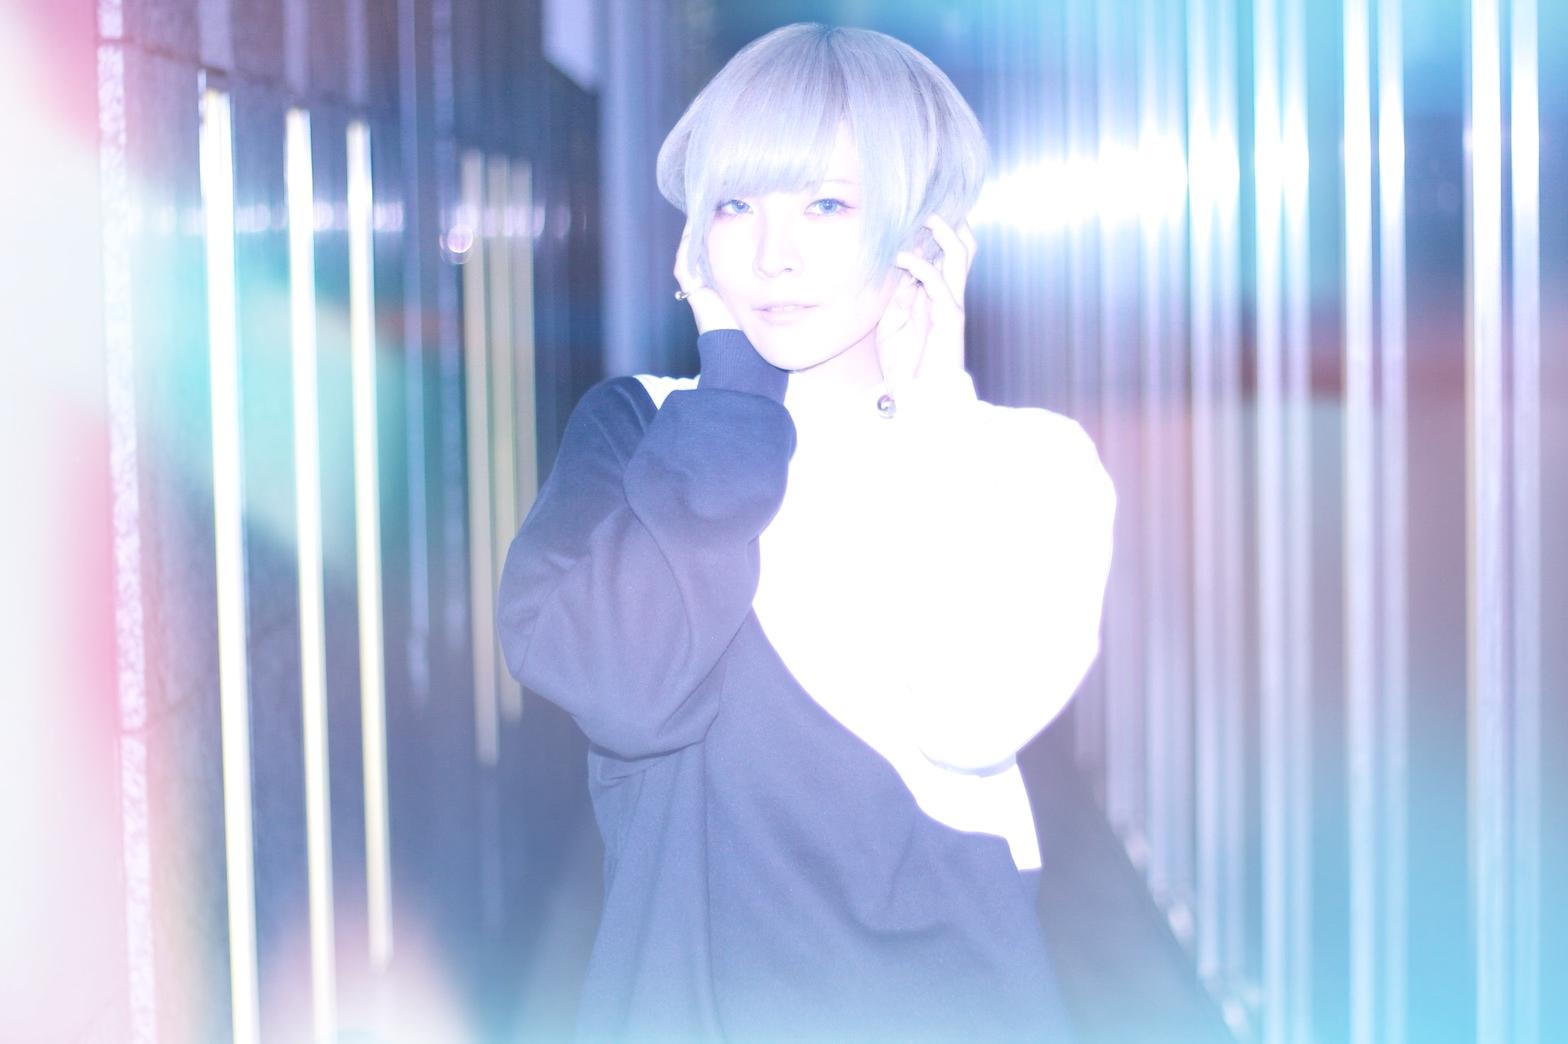 Cuon 1stアルバム『Muna』にトラックメイカーとして参加